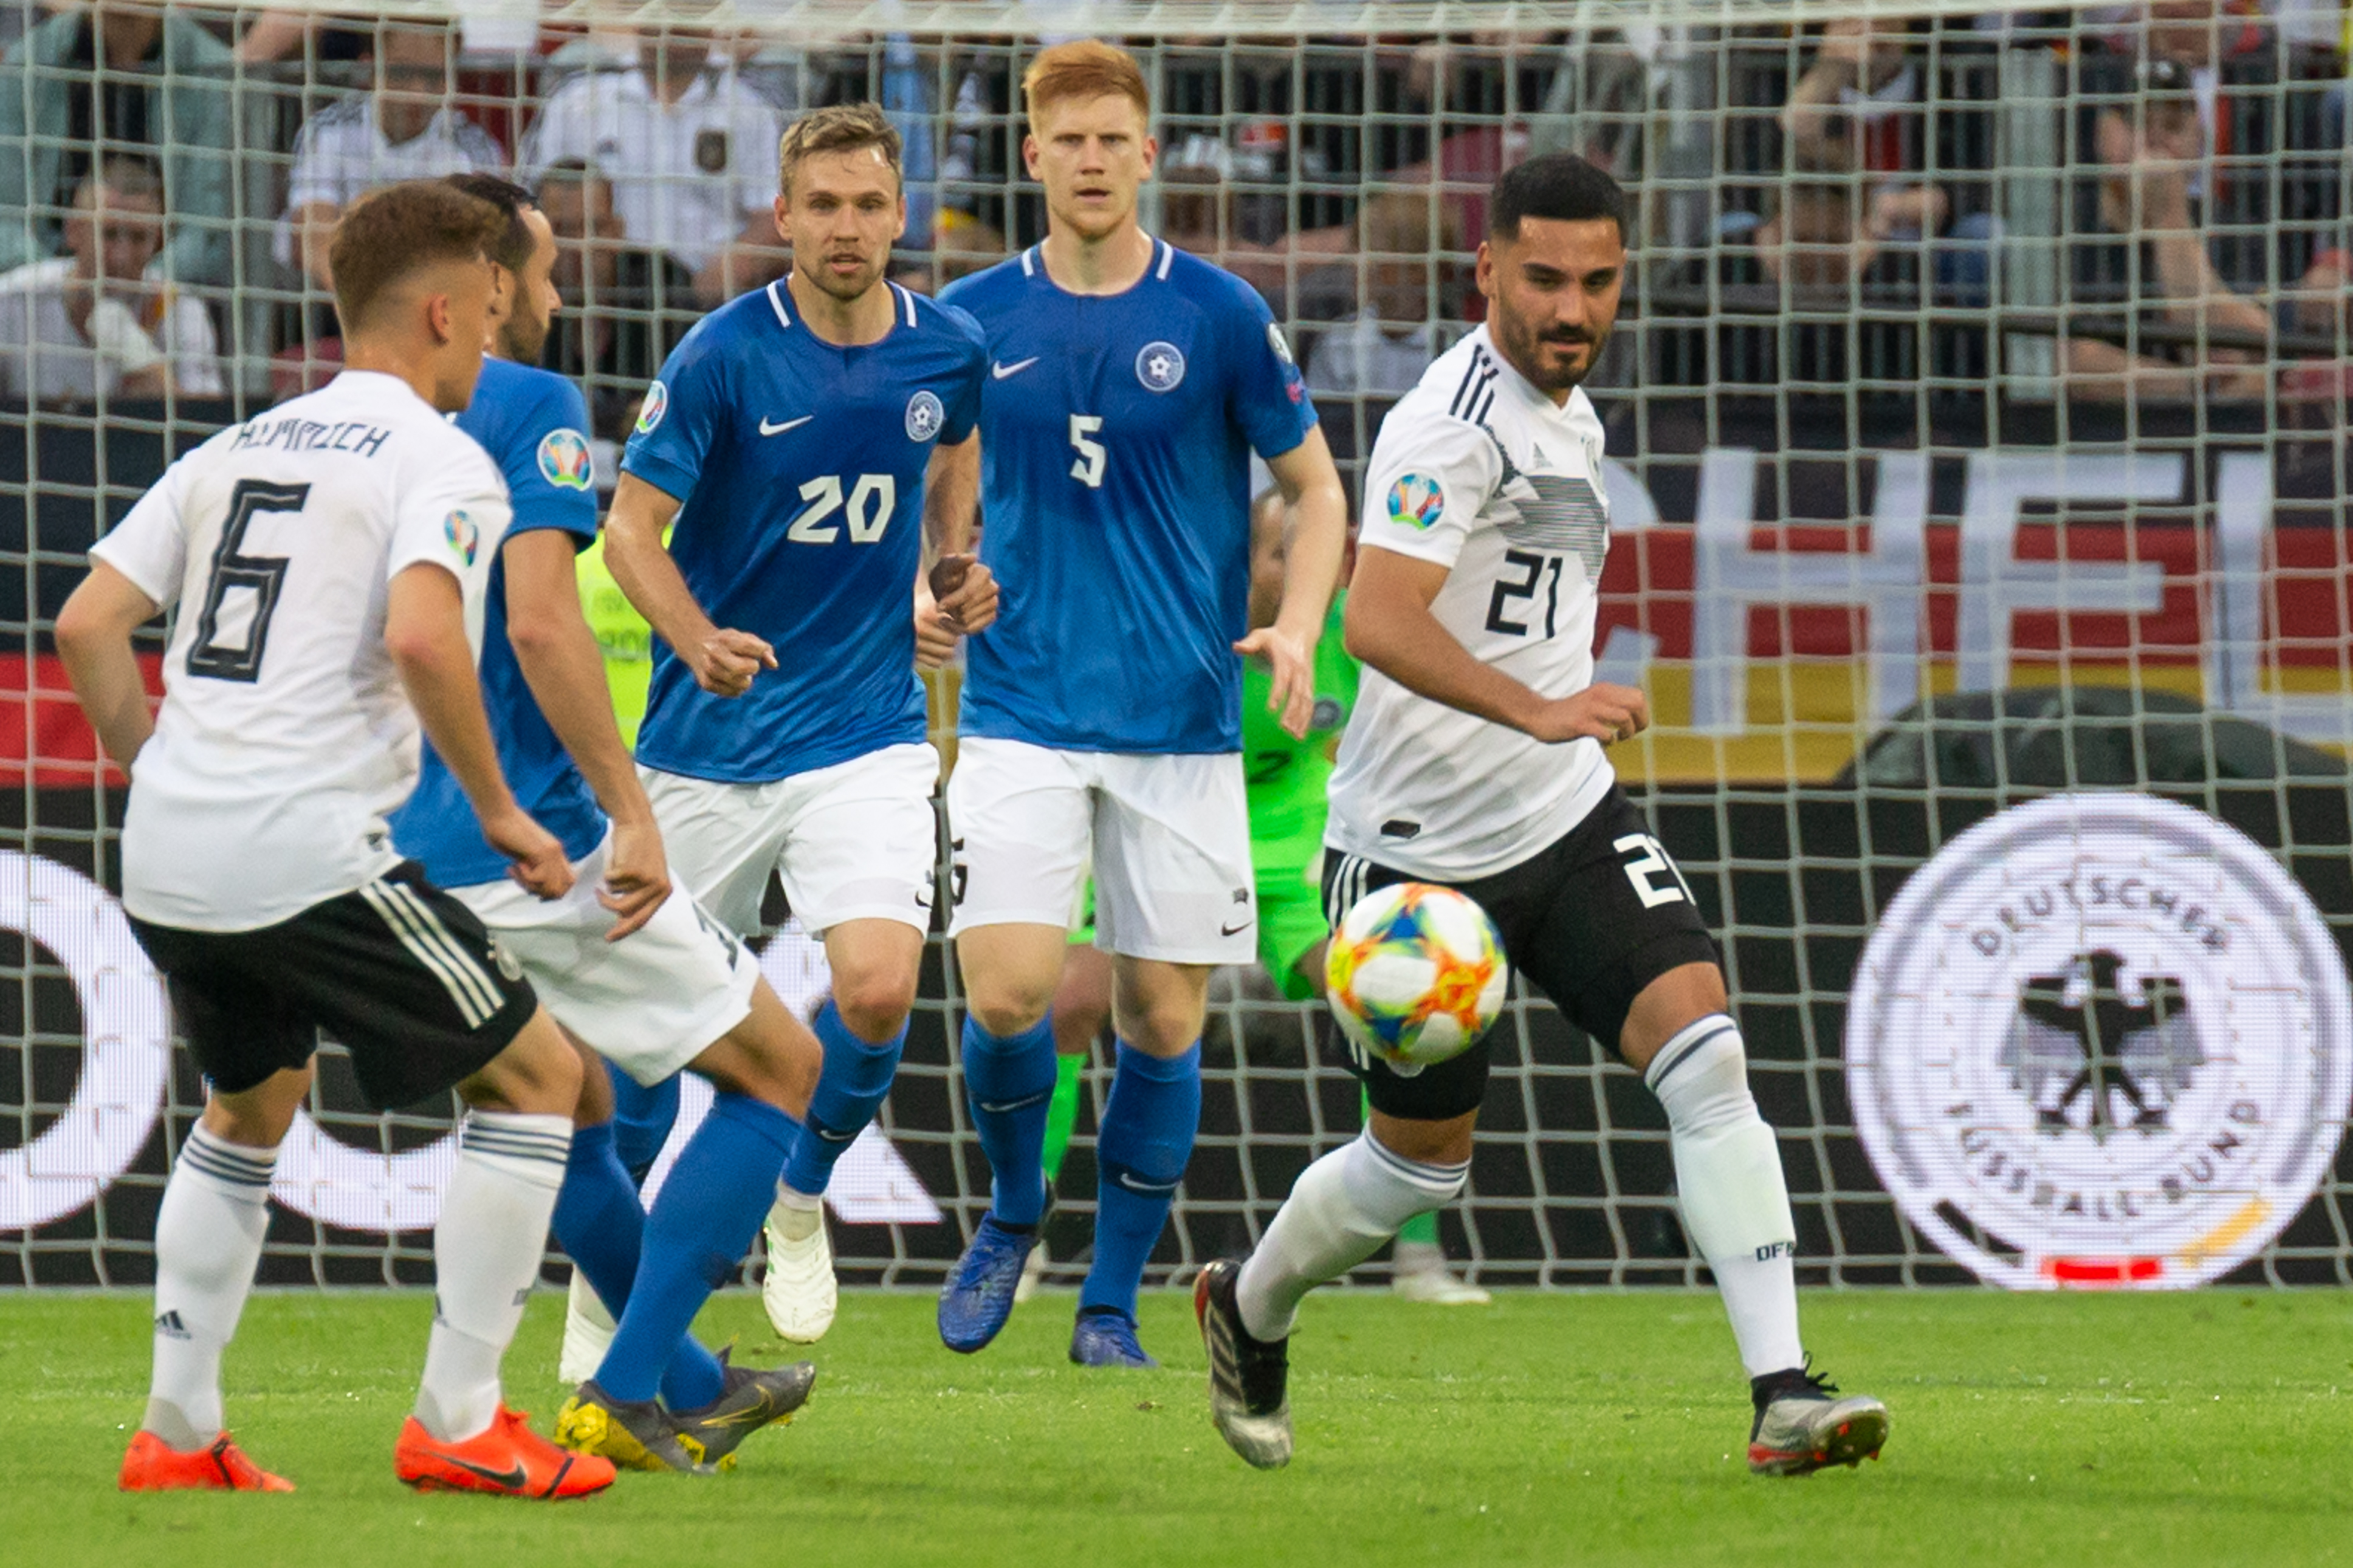 File:2019-06-11 Fußball, Männer, Länderspiel, Deutschland-Estland StP 2170 LR10 by Stepro.jpg - Wikipedia